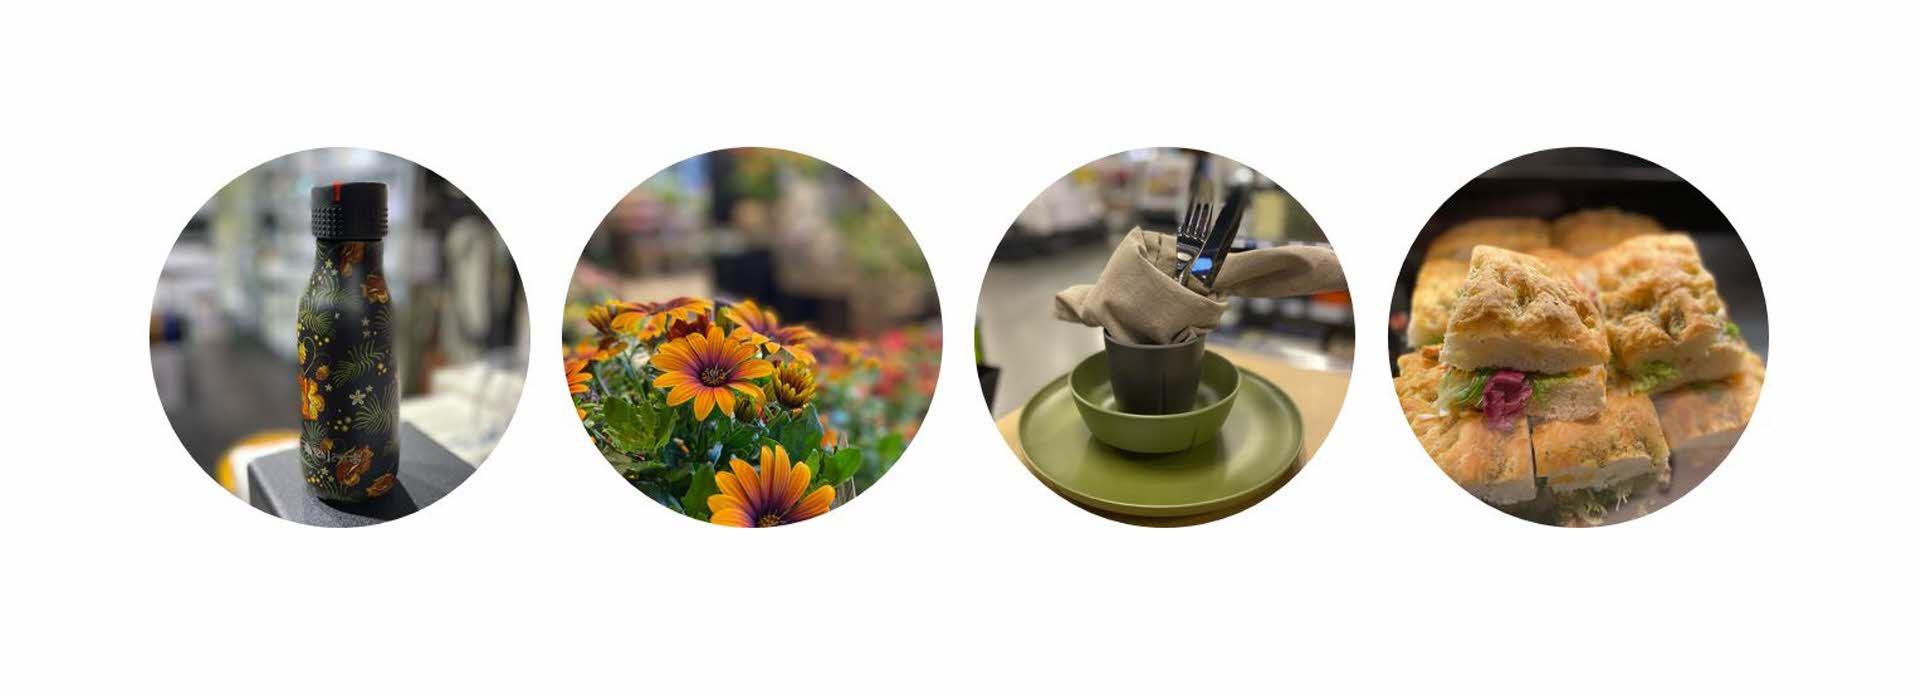 fire bilder av blomst, foccacia, drikkeflaske og melaminservise